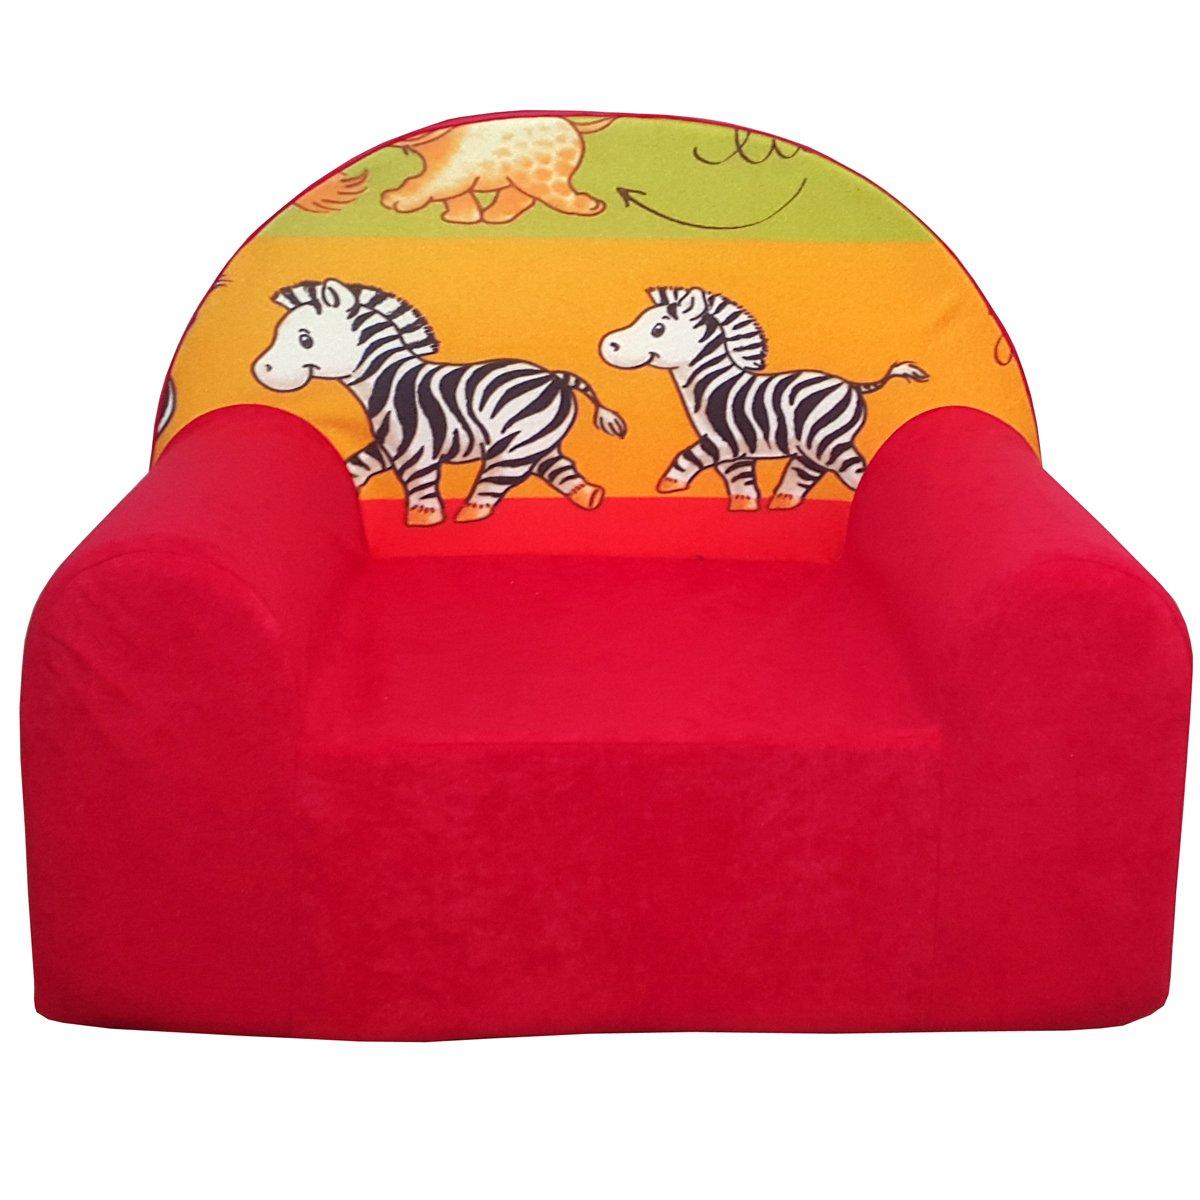 D2L infantil Sillón kinderstuhl kindersofa relaxsessel (Rojo ...